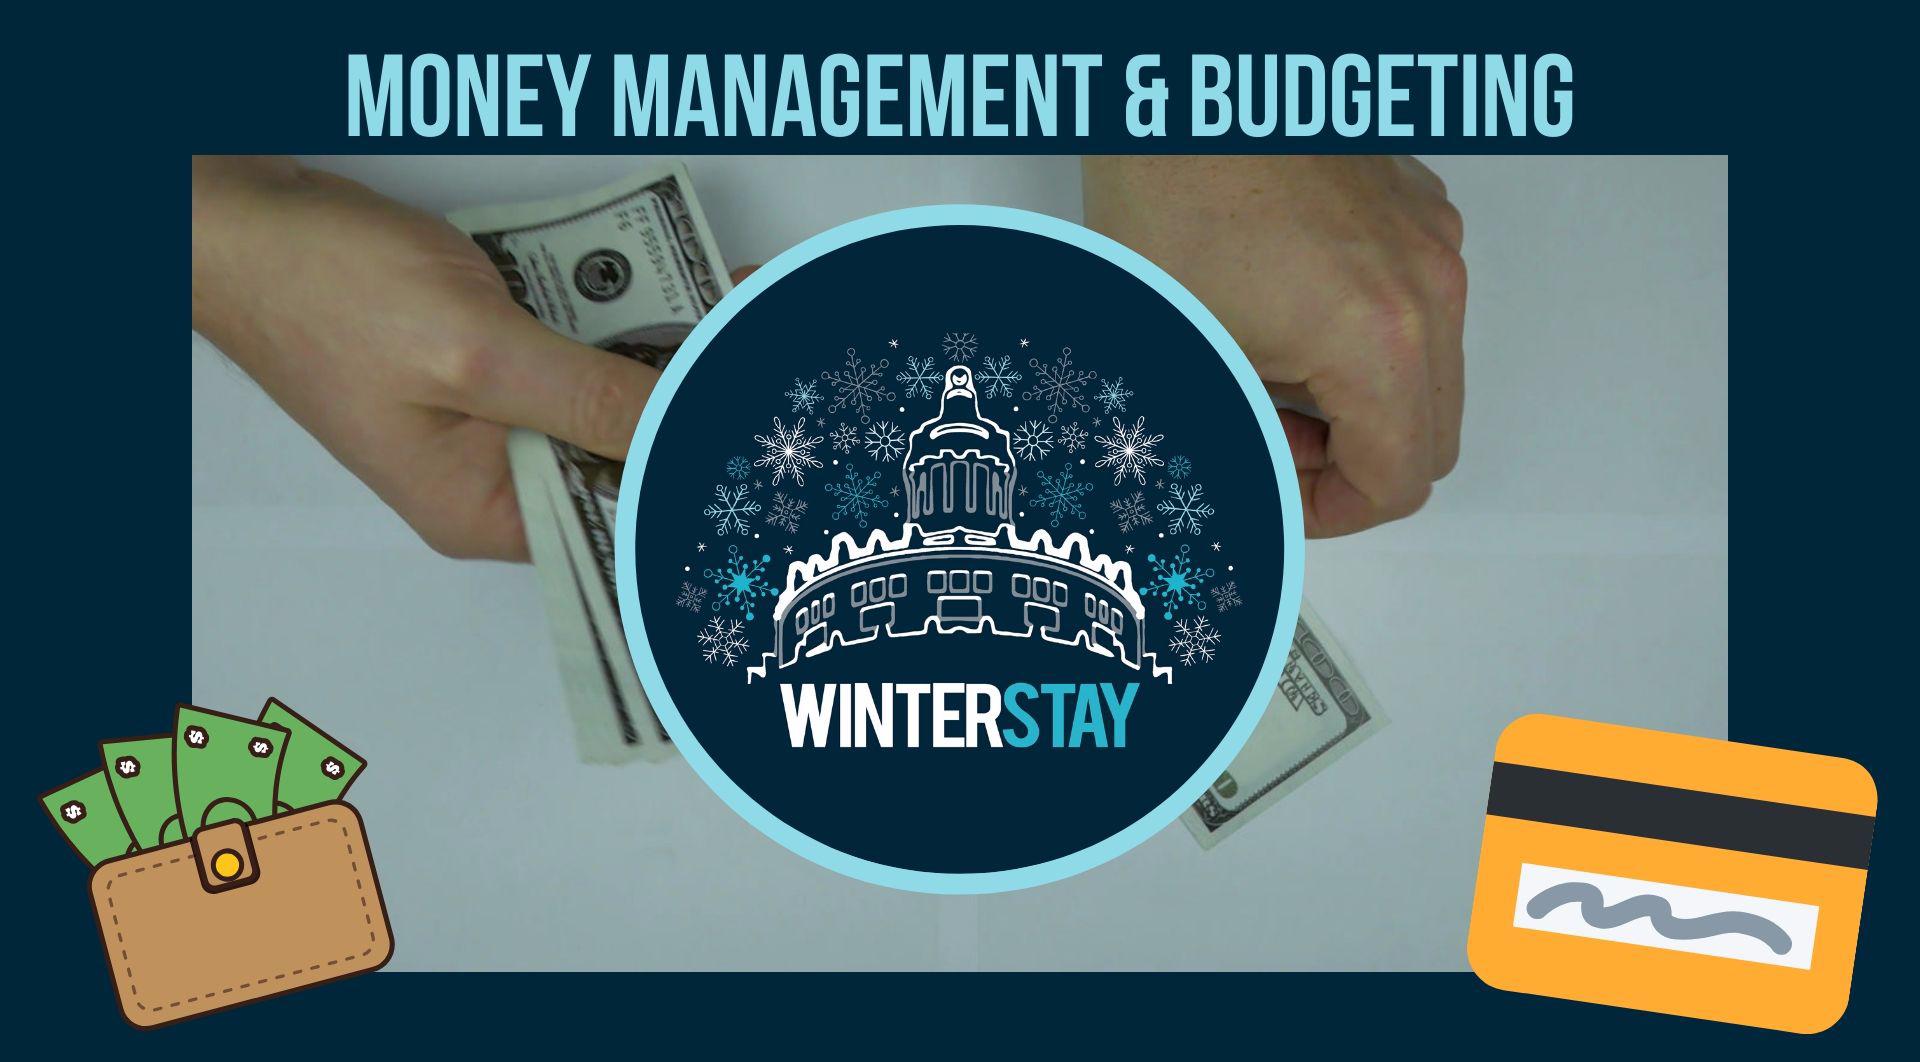 Winter Stay Money Management Workshop